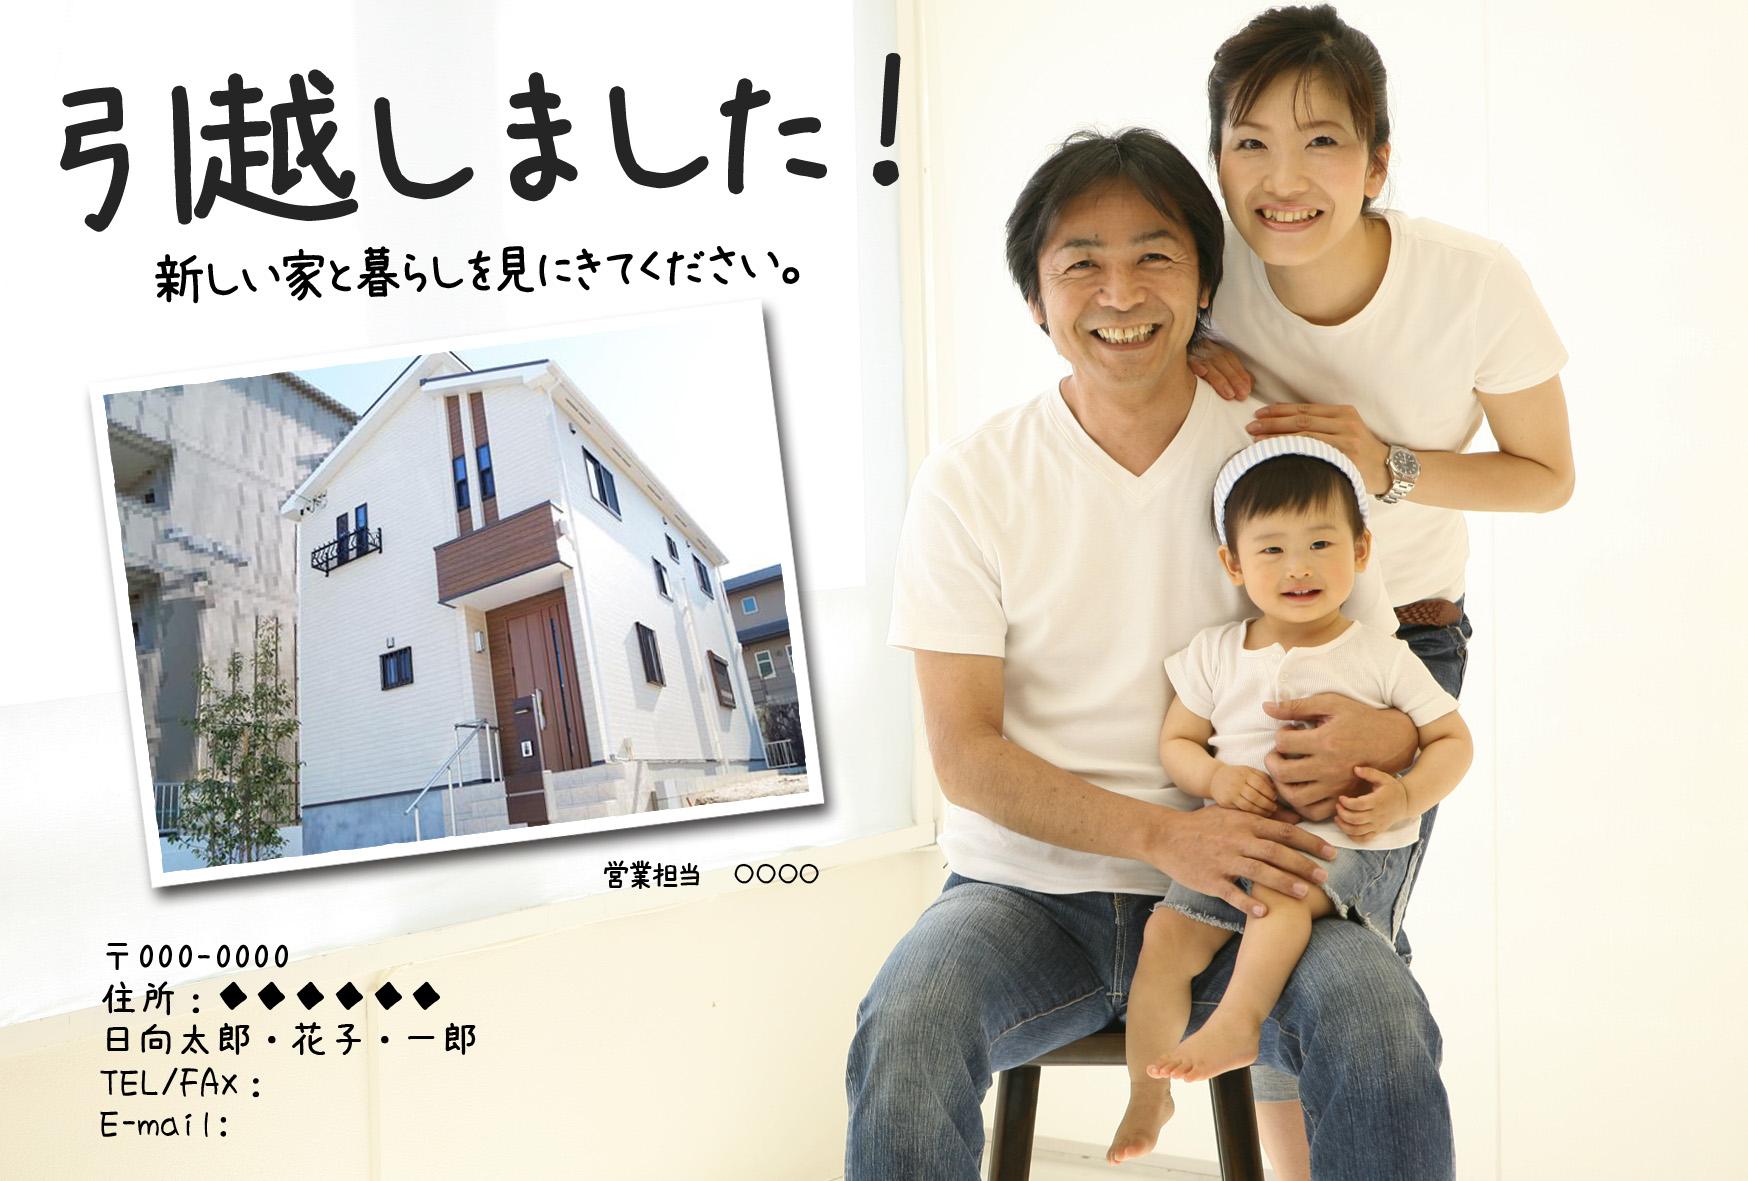 20171130-引っ越しましたDM-福建ホーム.jpg